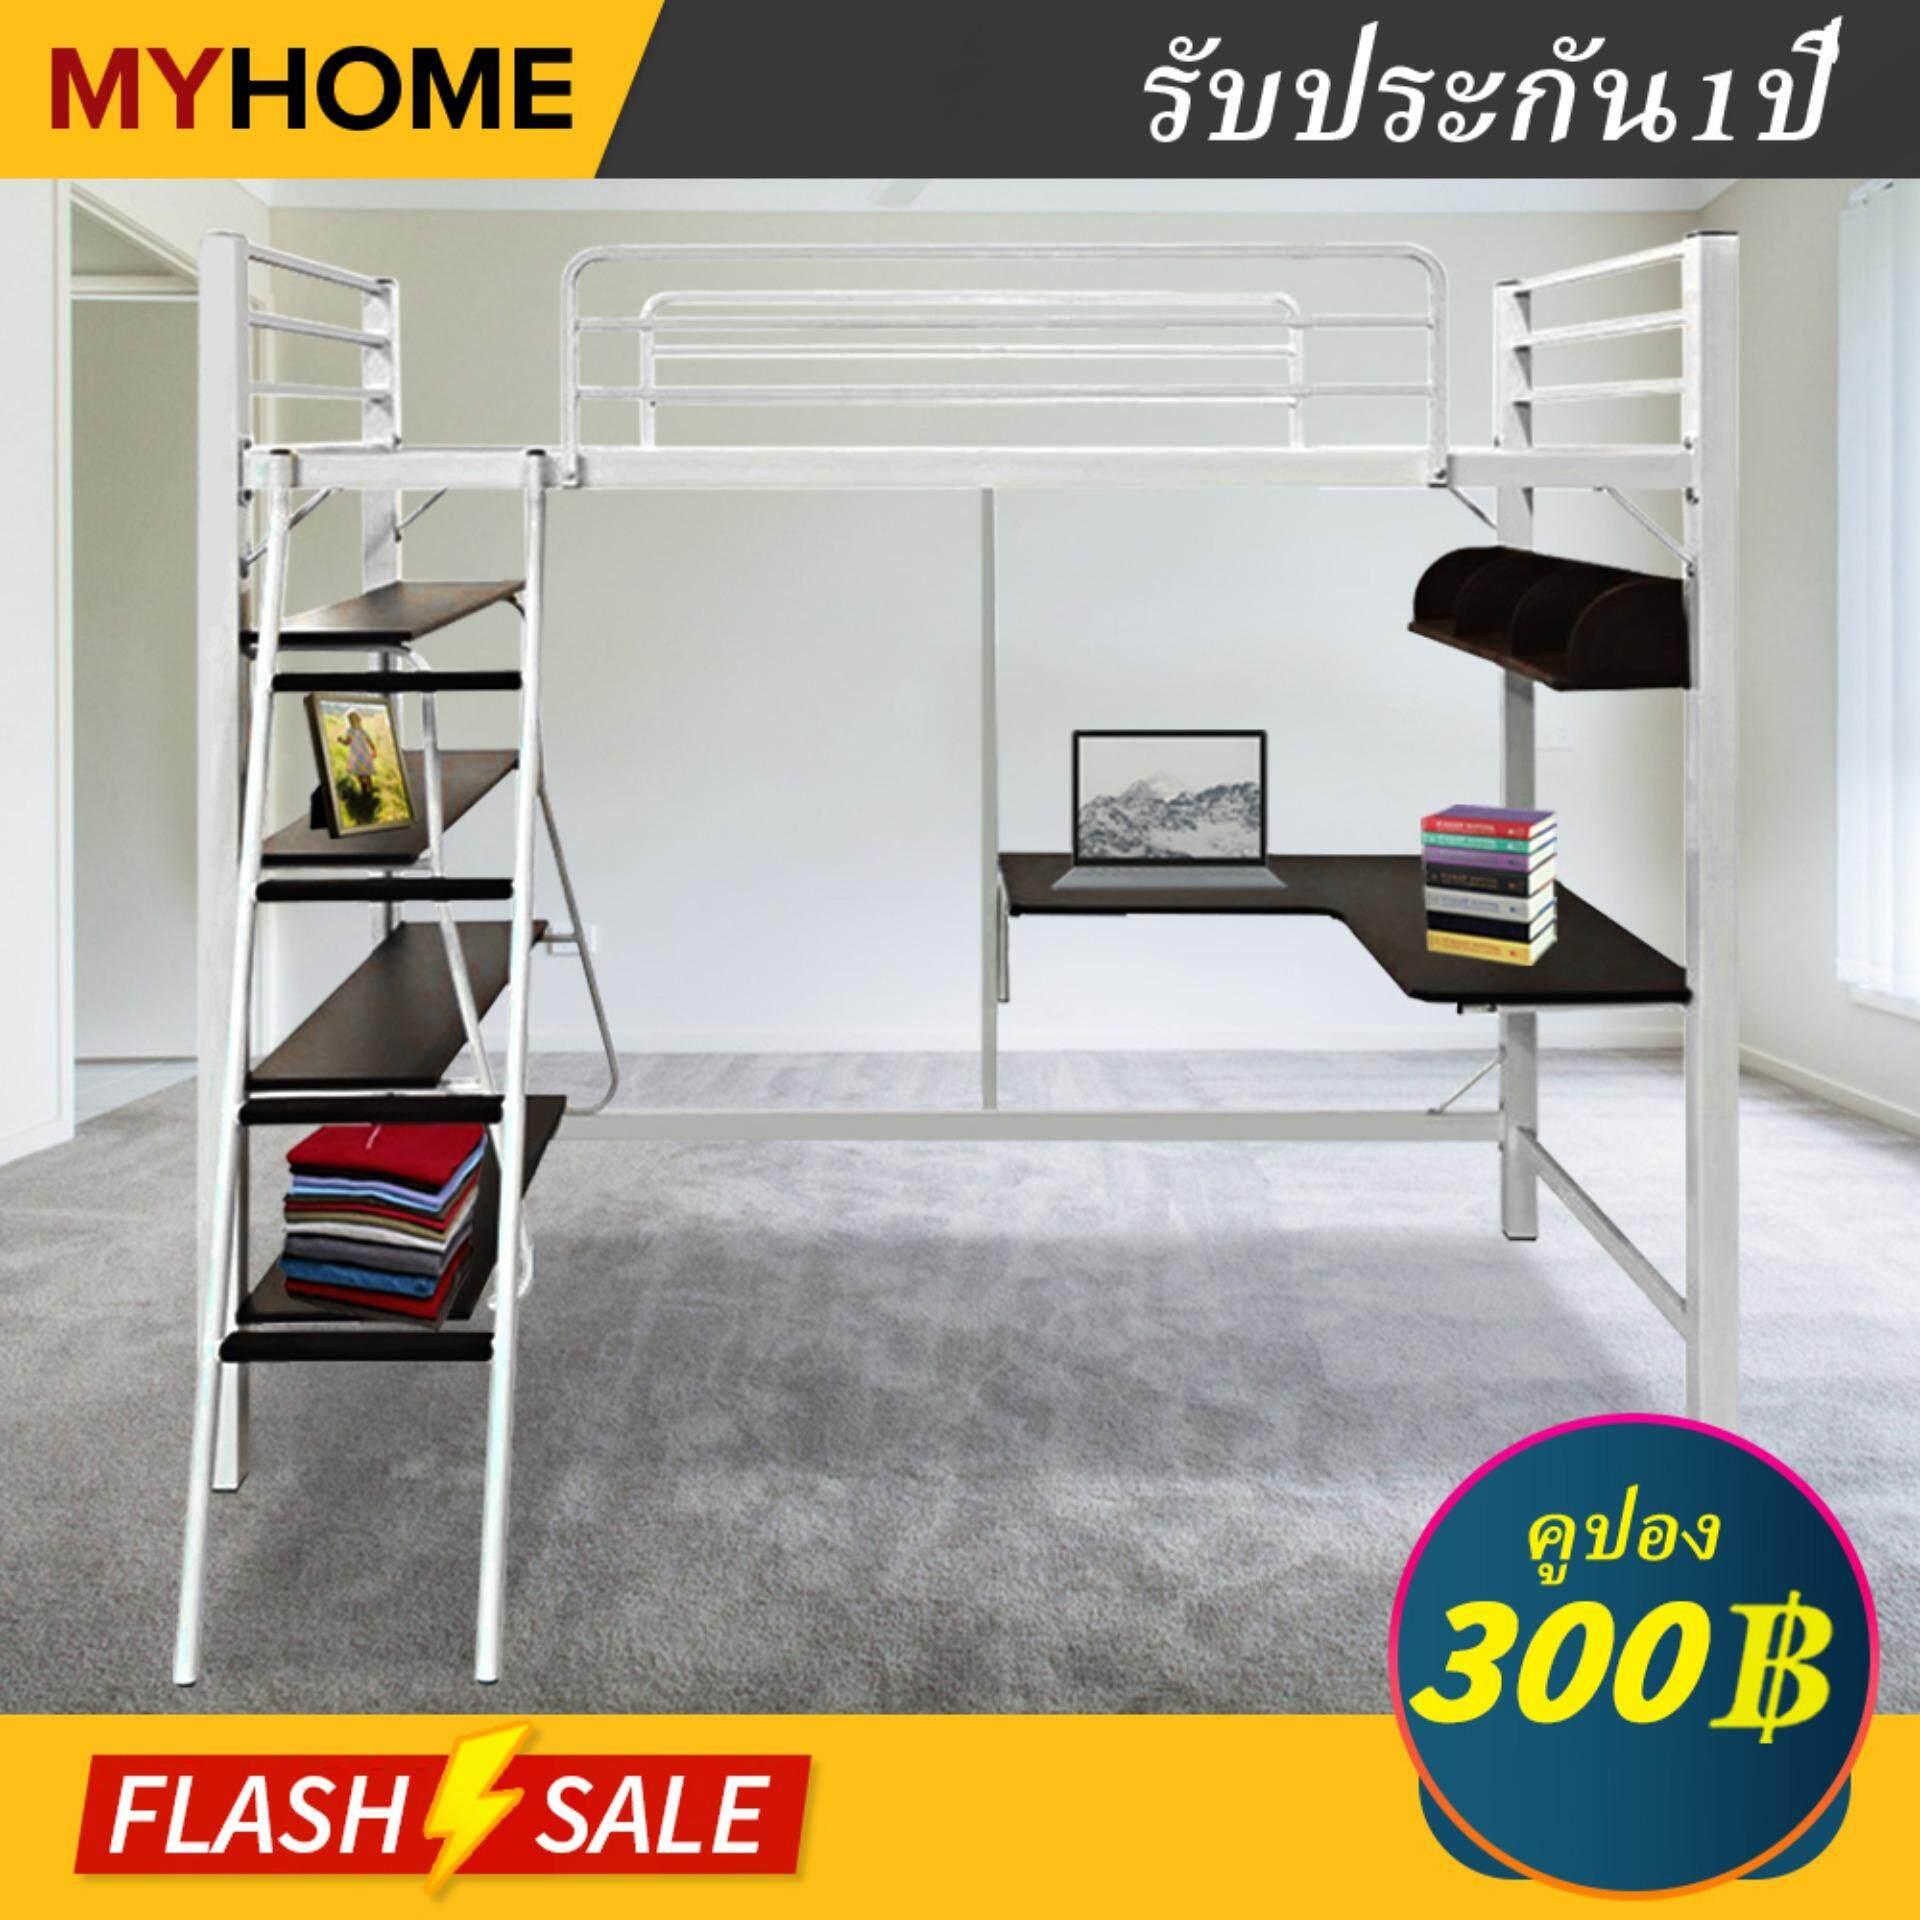 Myhome Design: เตียง โครงเตียง ชั้นลอย มีชั้น2 เตียง โต๊ะ ชั้นวางของ คุณภาพดี (aloha Metal Loft Bed Frame) เตียงนอน.